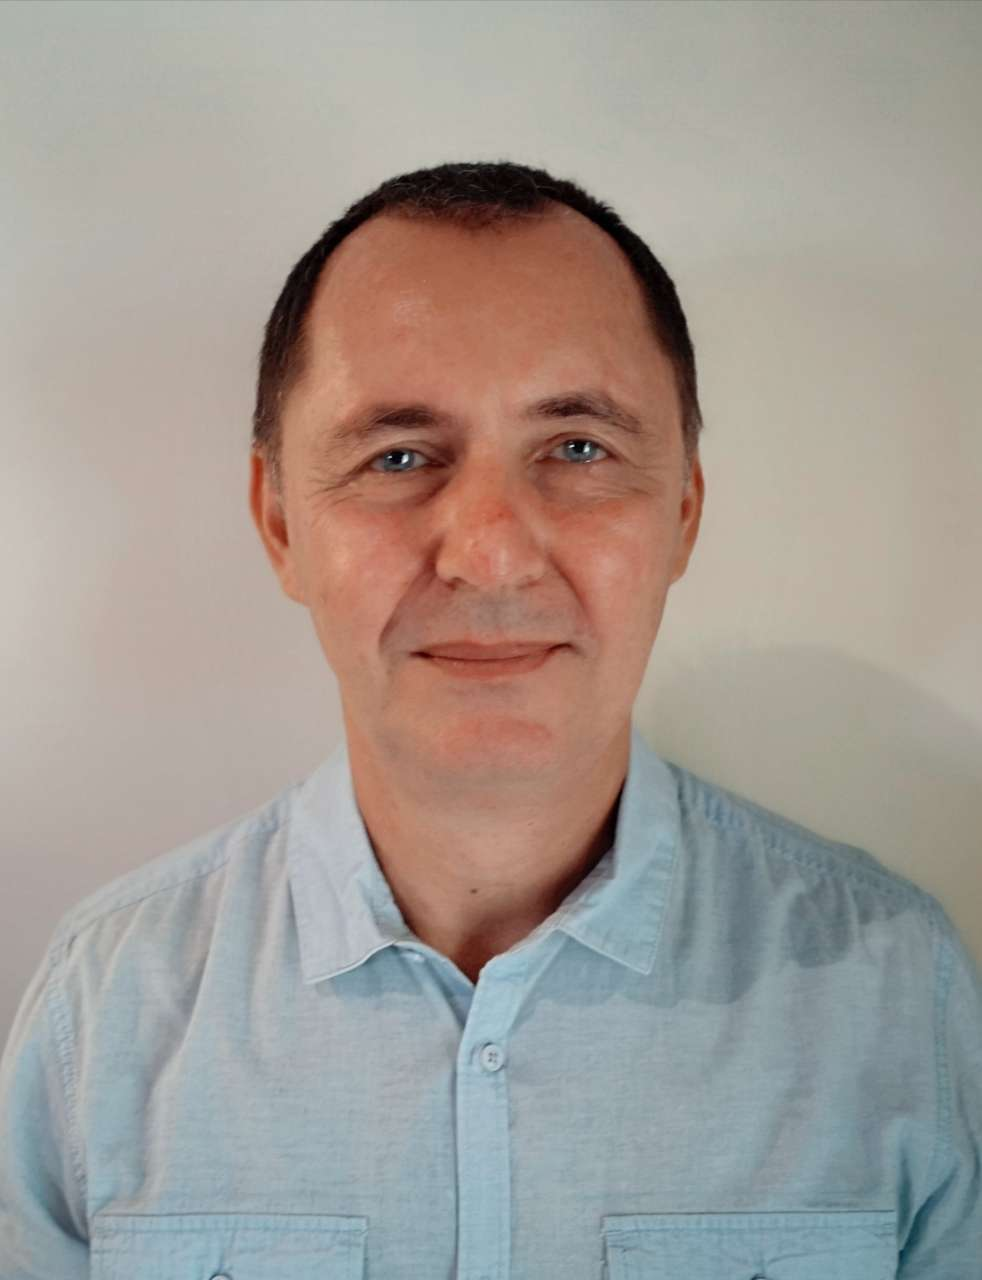 DR STEPHANE GHEZ